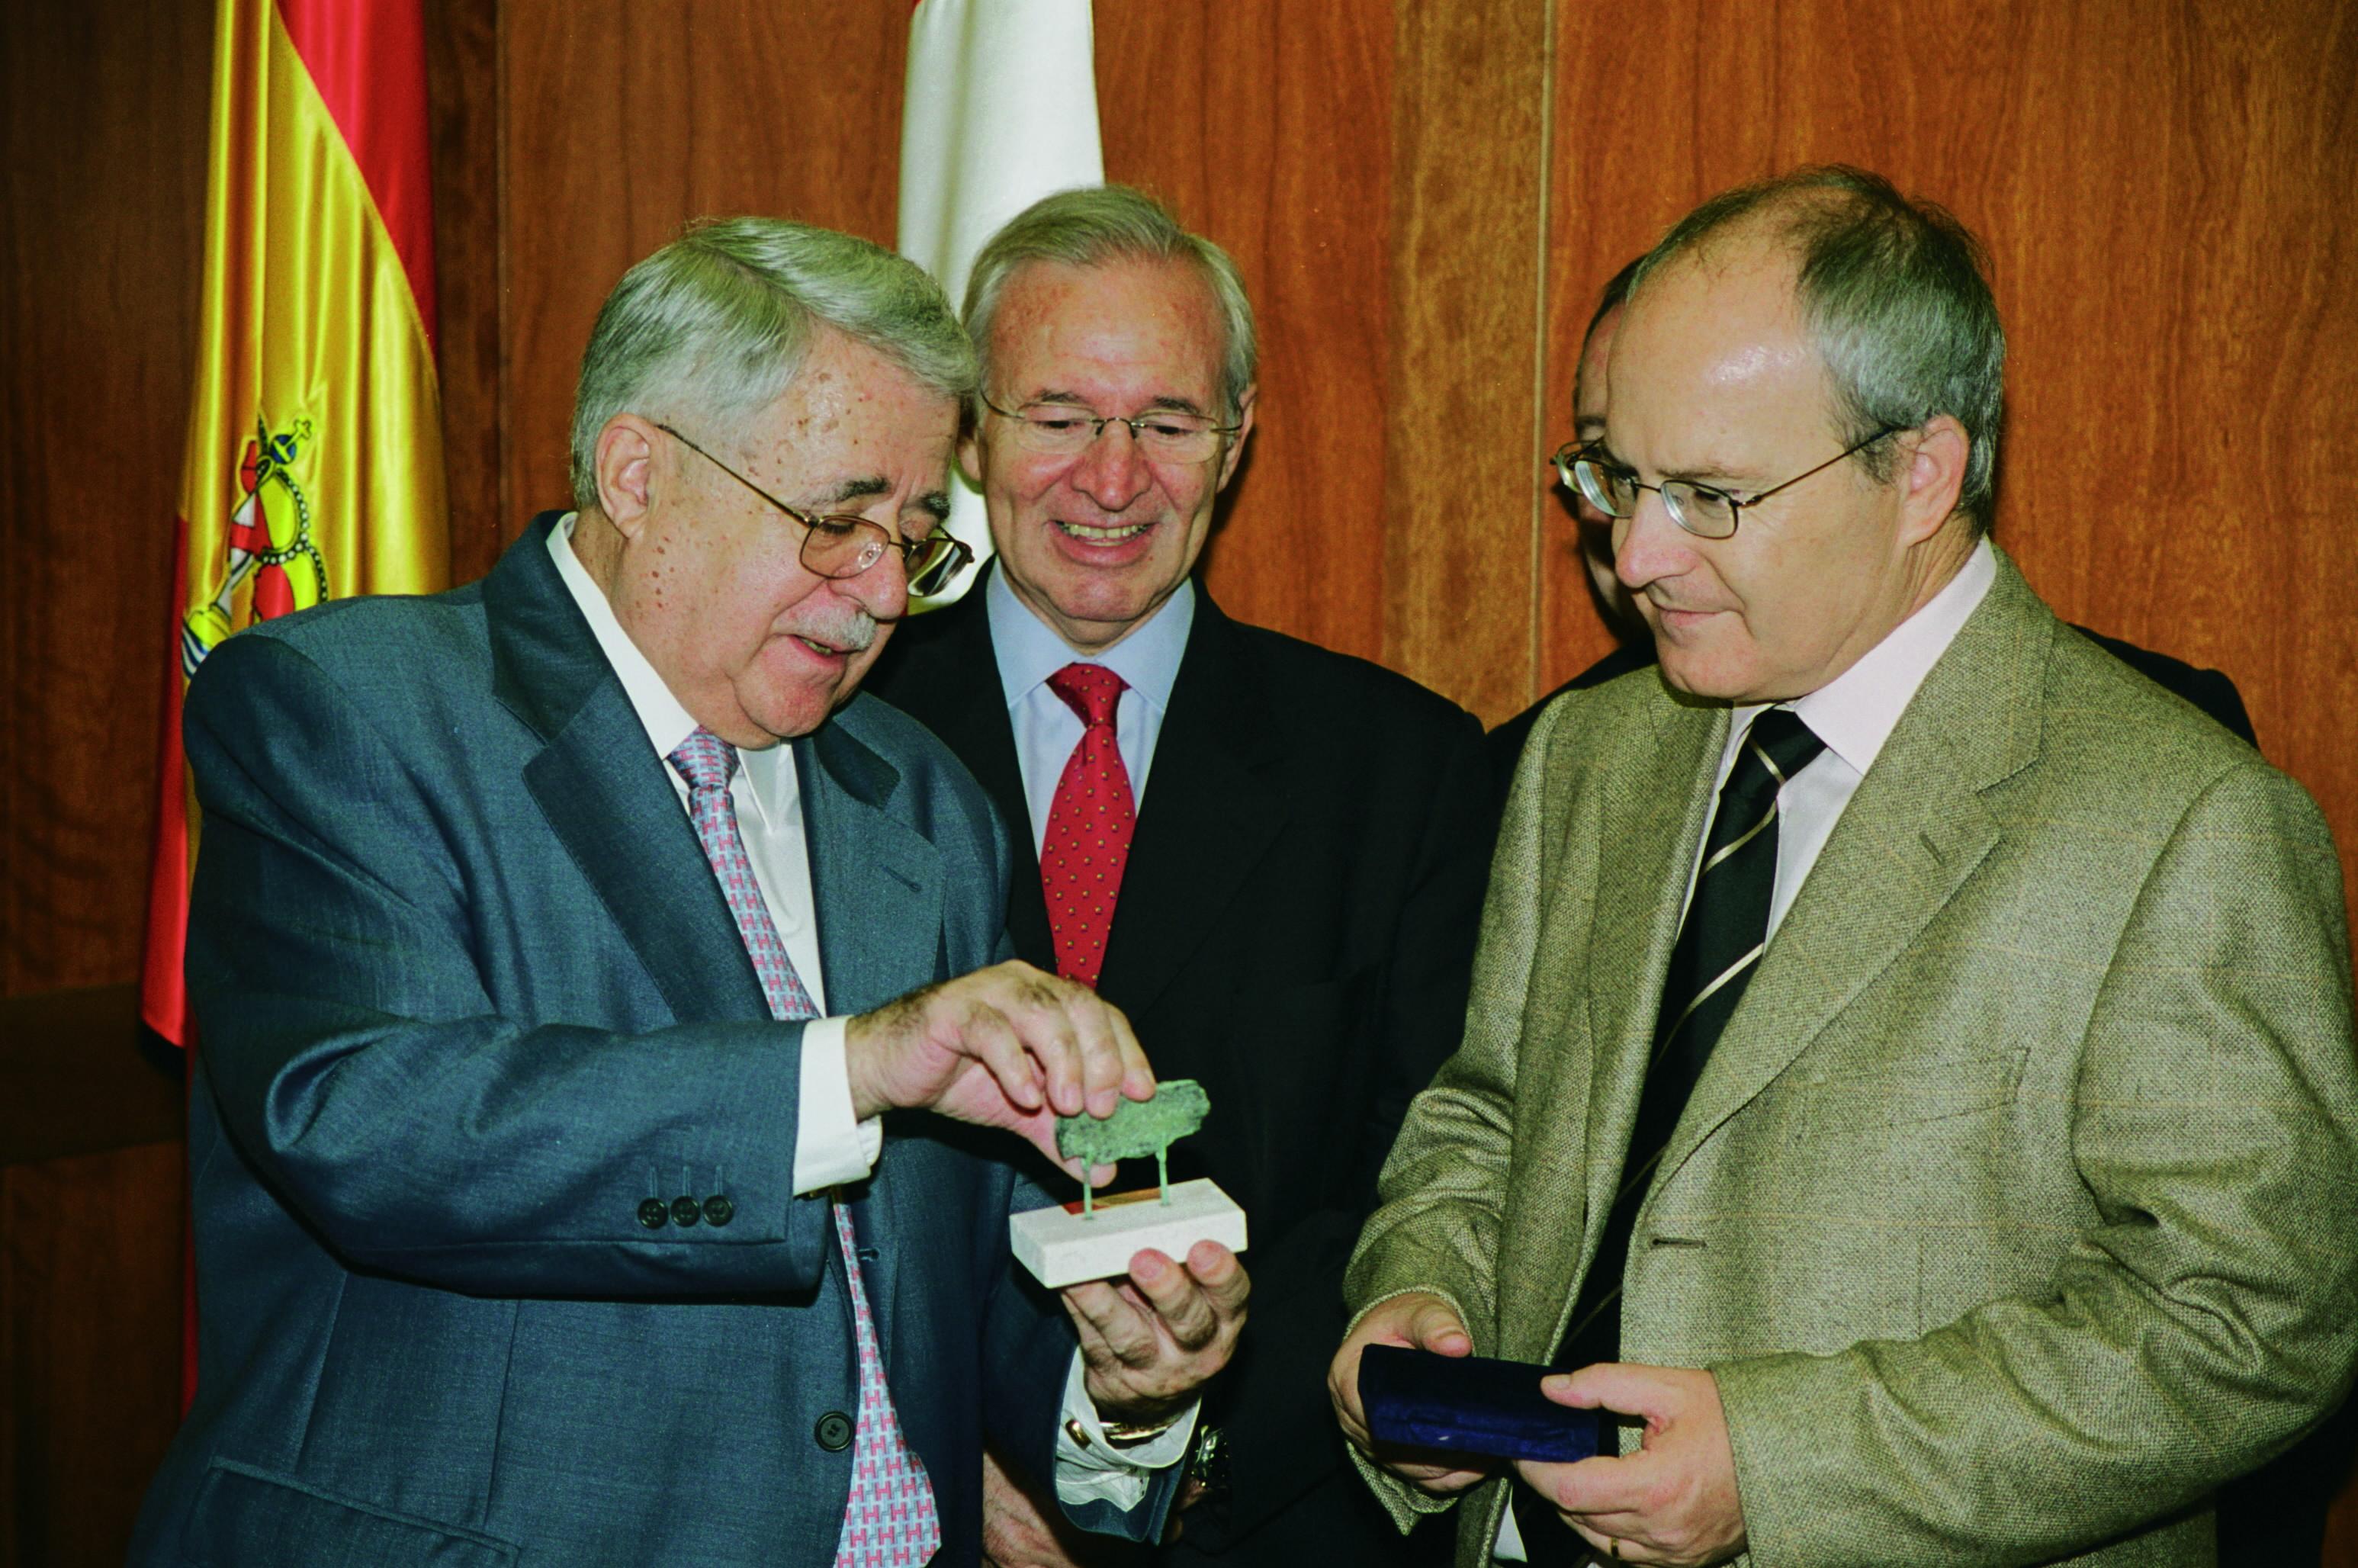 """Jesús Mora Mas entrega a José Montilla, Presidente de la Generalitat la """"Tessera Hospitalis"""", símbolo utilizado en la exposición «100 AÑOS DE HOSPITALIDAD, UN SIGLO DE HOSTELERÍA Y SOCIEDAD» presentada en HOSTELCO 2004 como punto de partida de lo que ha sido, es y será la característica fundamental de los que abren sus brazos para la dar la bienvenida a los que les visitan"""